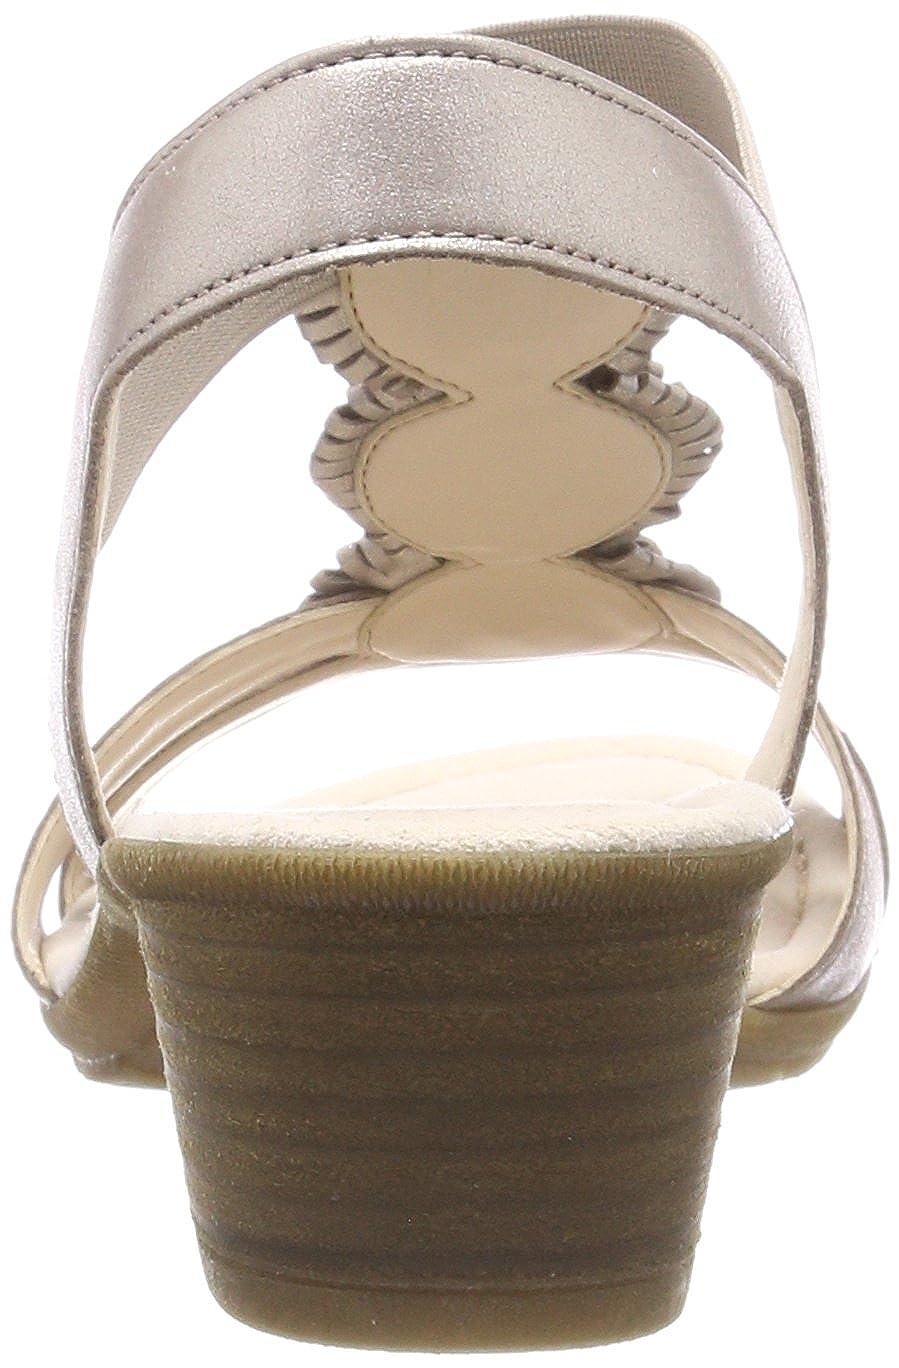 Gabor Casual, Sandali con Cinturino Cinturino Cinturino alla Caviglia Donna | Ottima qualità  | Scolaro/Signora Scarpa  213044